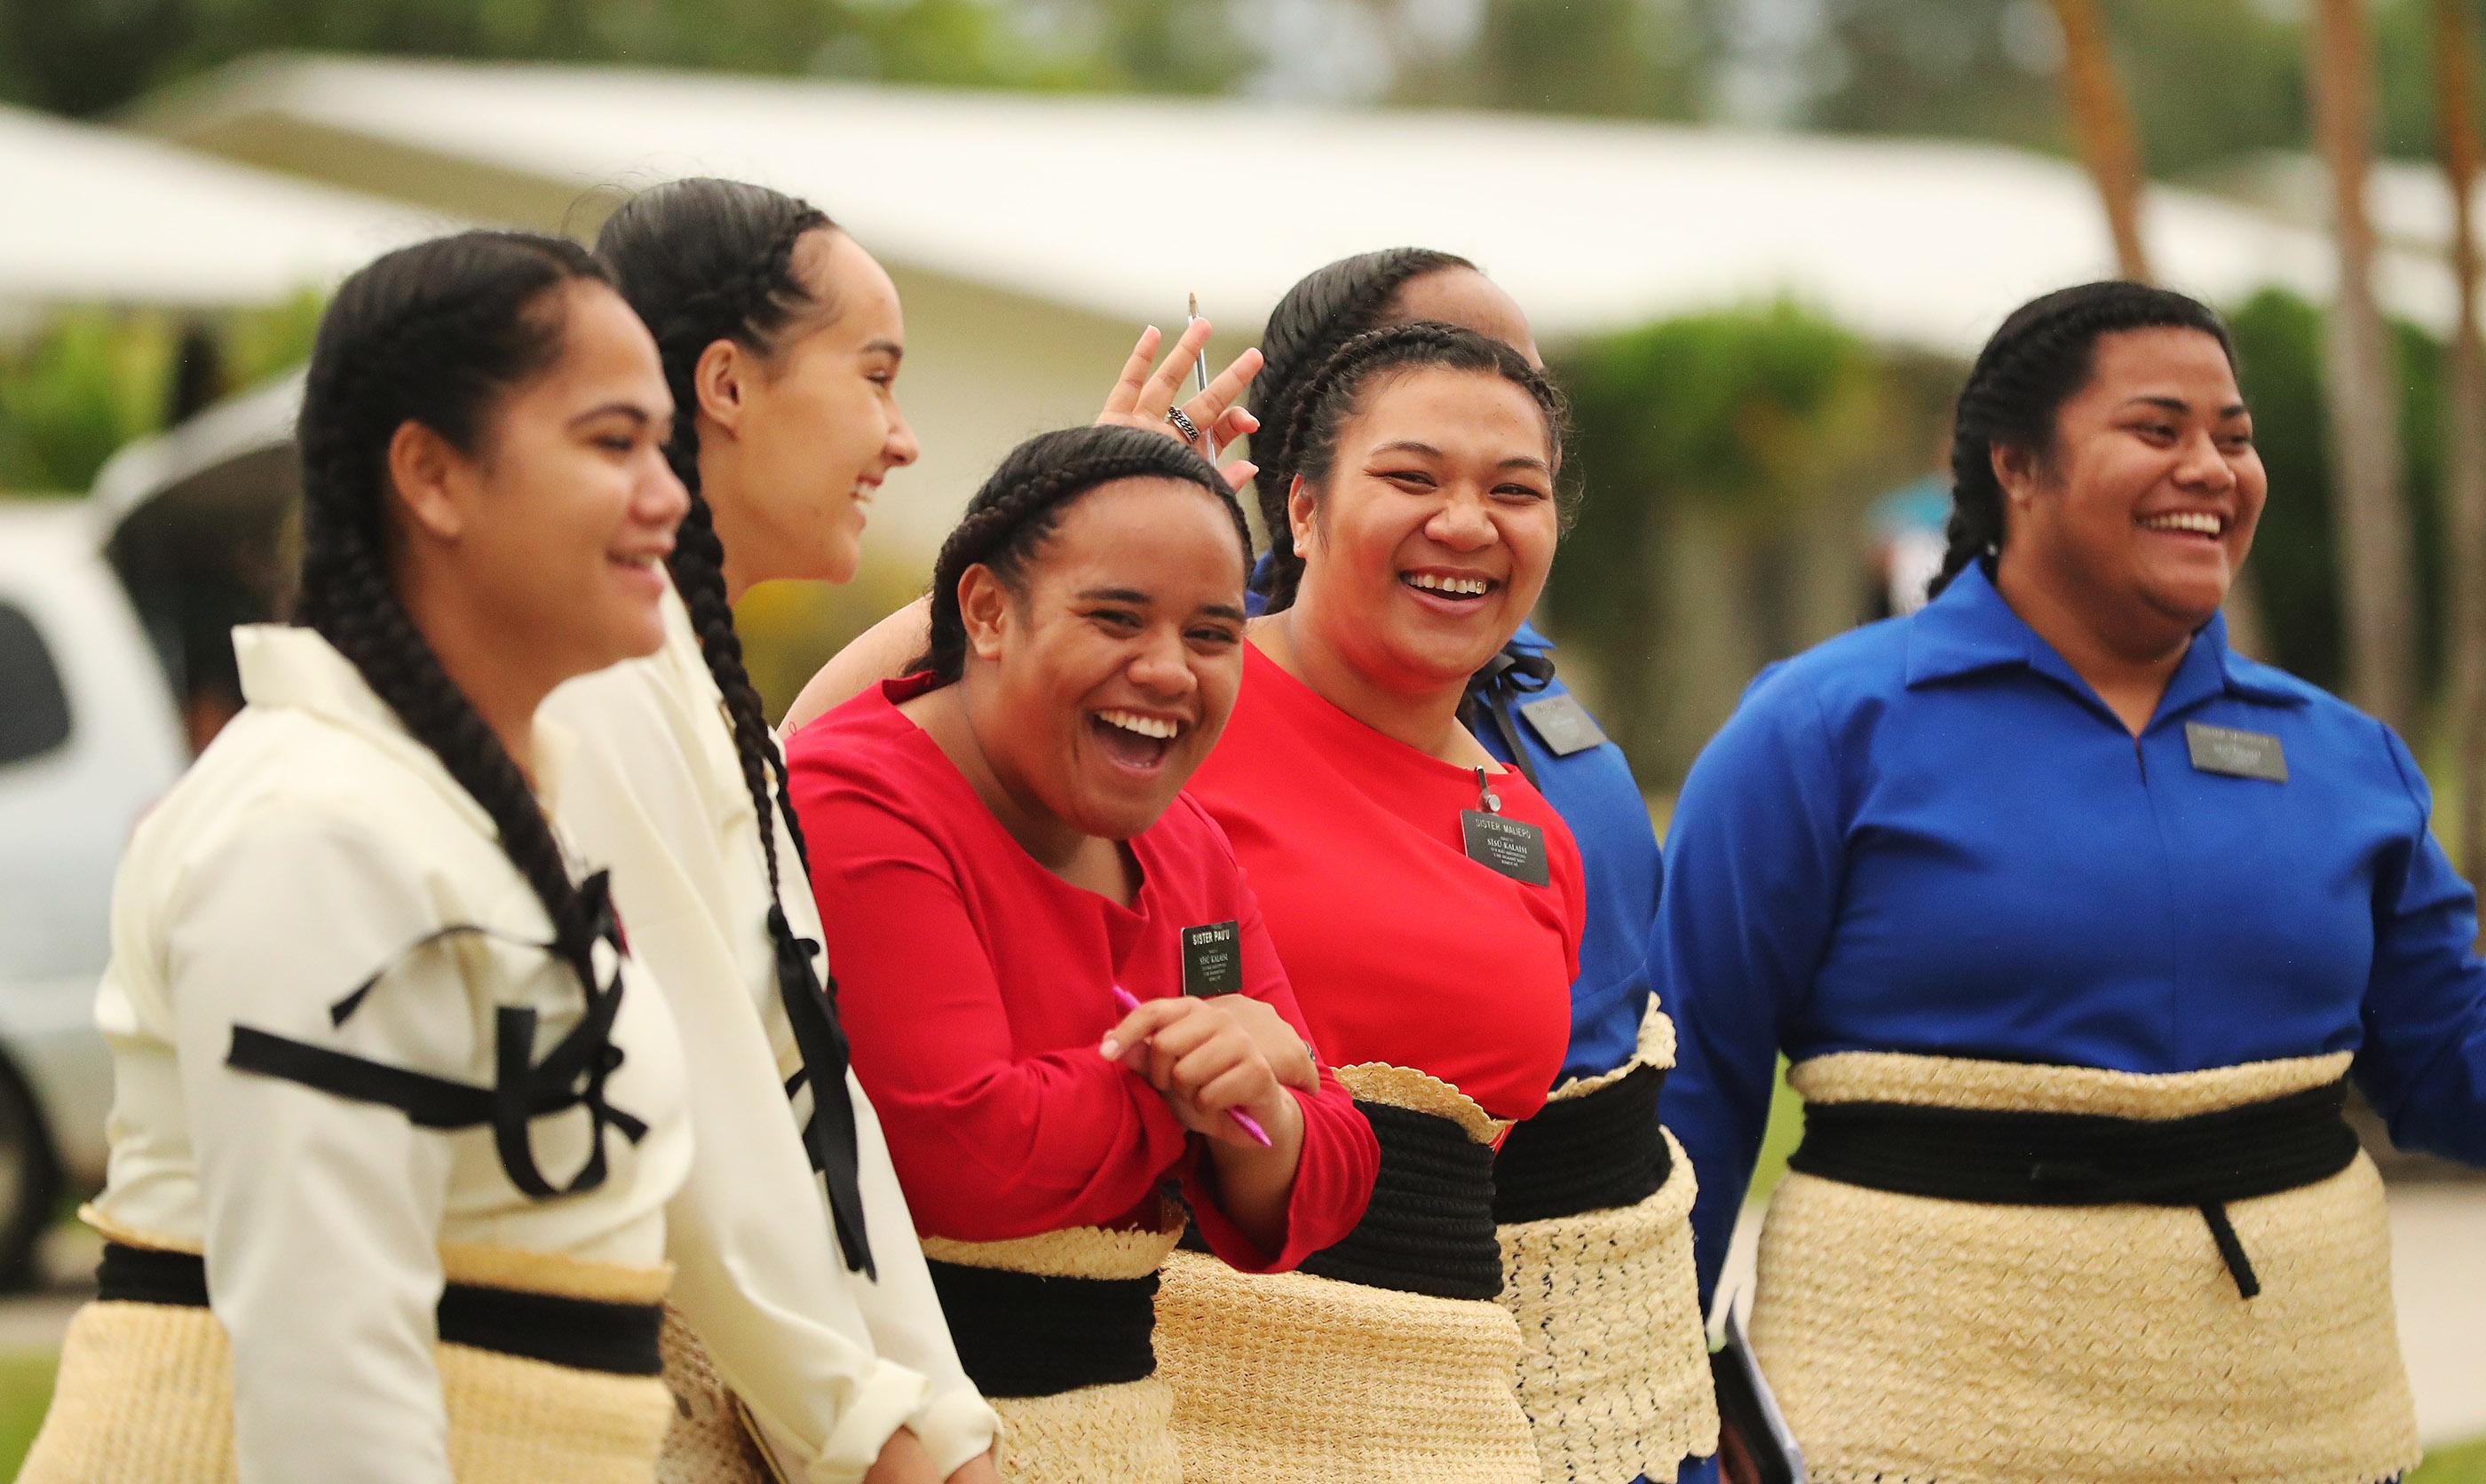 Misioneros esperan por el presidente Russell M. Nelson, de La Iglesia de Jesucristo de los Santos de los Últimos Días, antes de un devocional en Tonga el 23 de mayo de 2019.